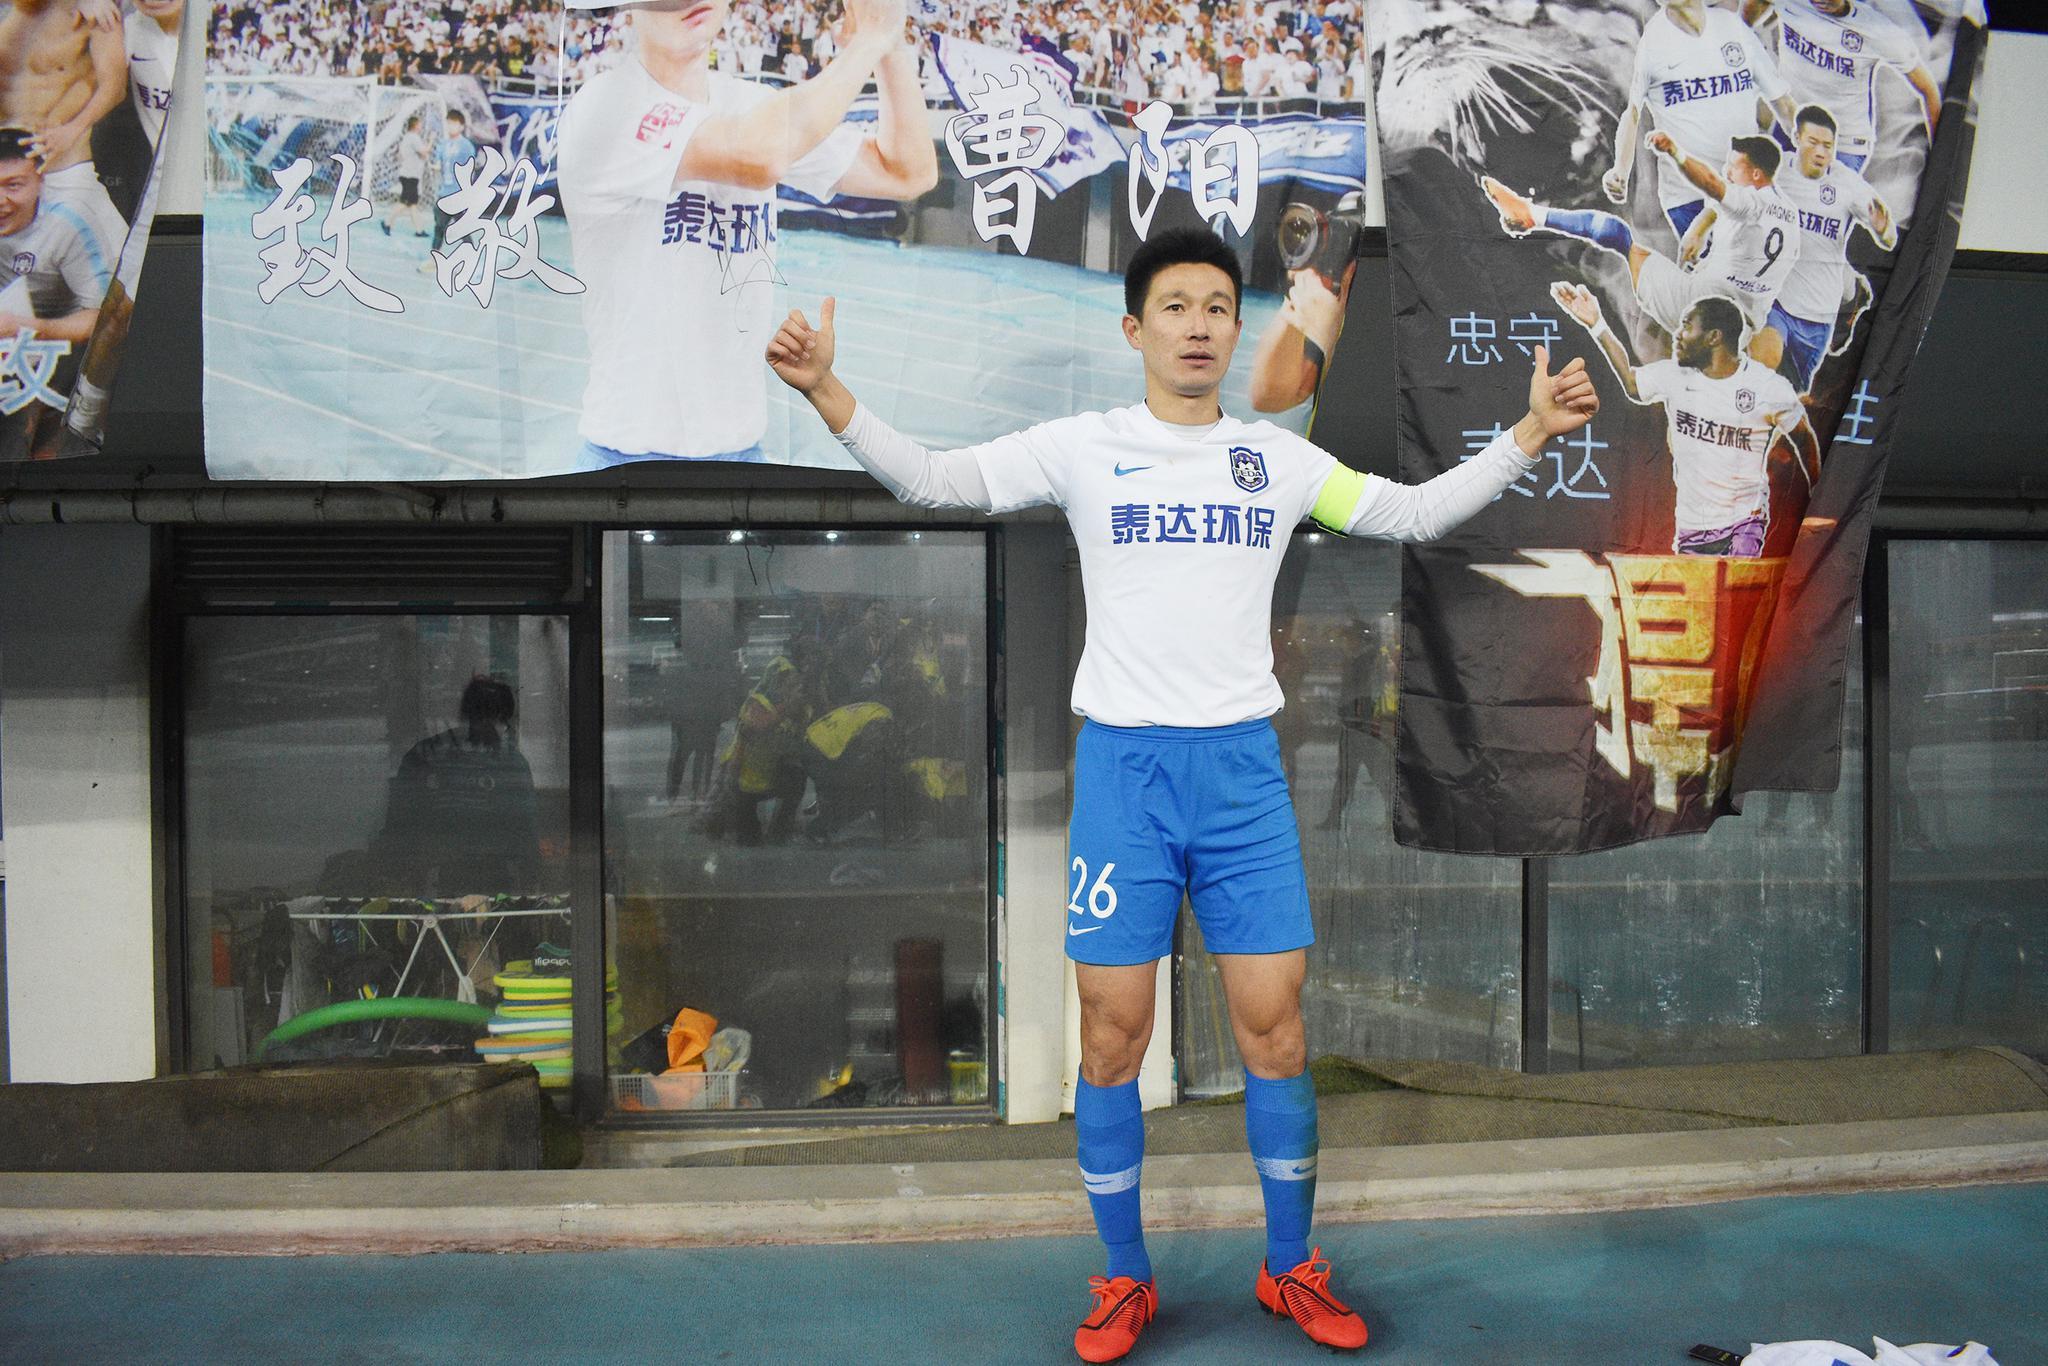 中超-泰达2-0重庆赢球收官 曹阳职业生涯末战破门